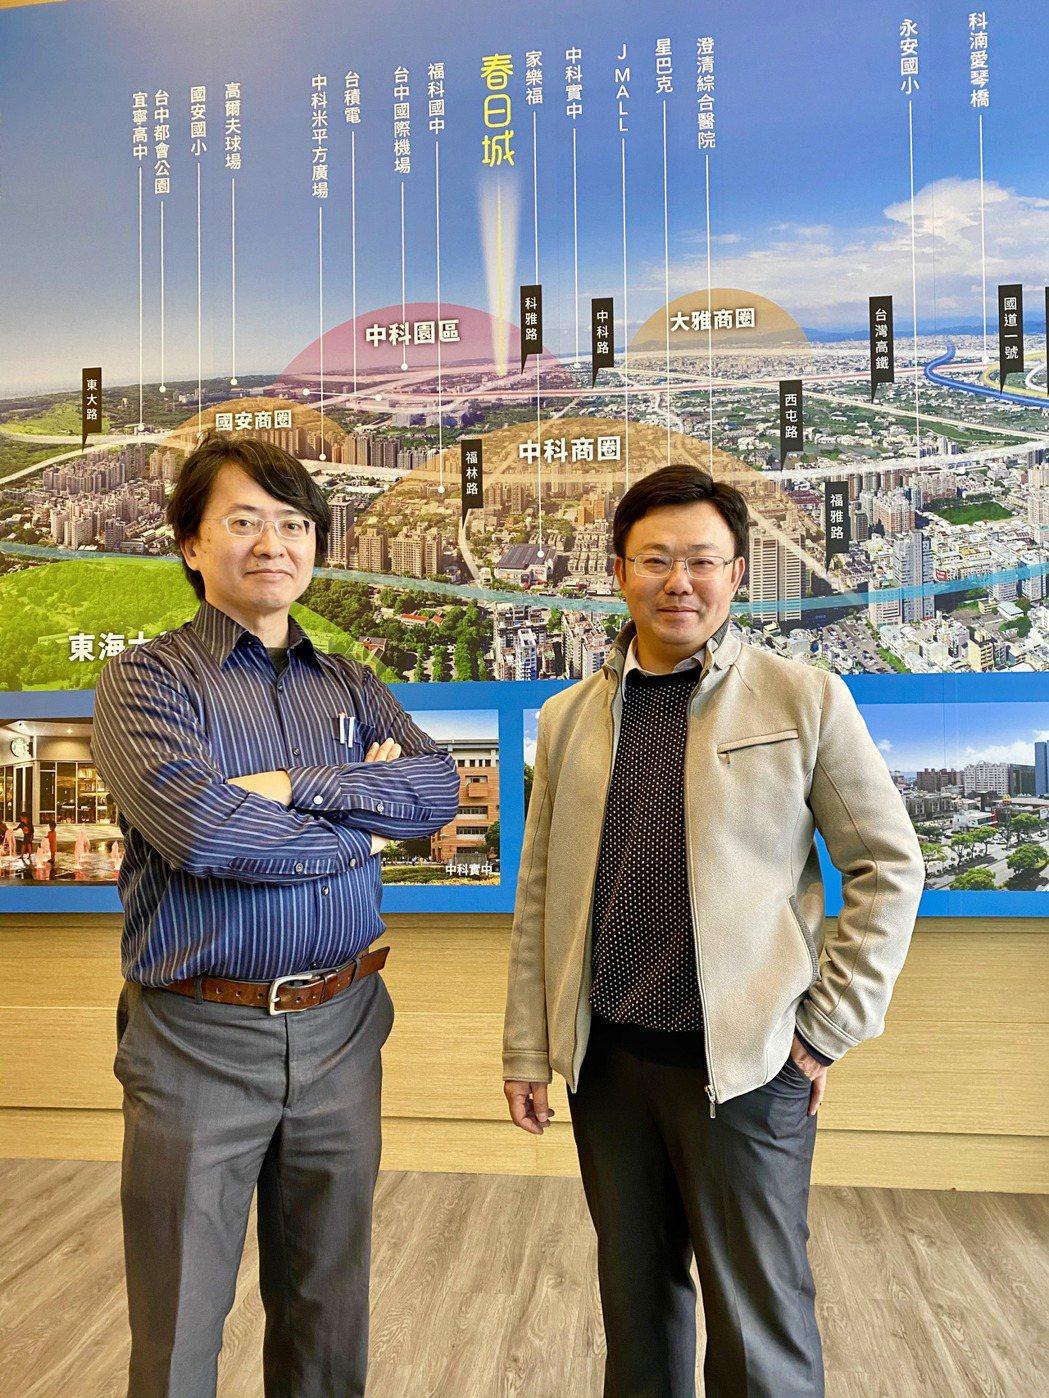 春日成建設總經理溫承翰(右)與建築師賴恩常(左)。記者宋健生/攝影